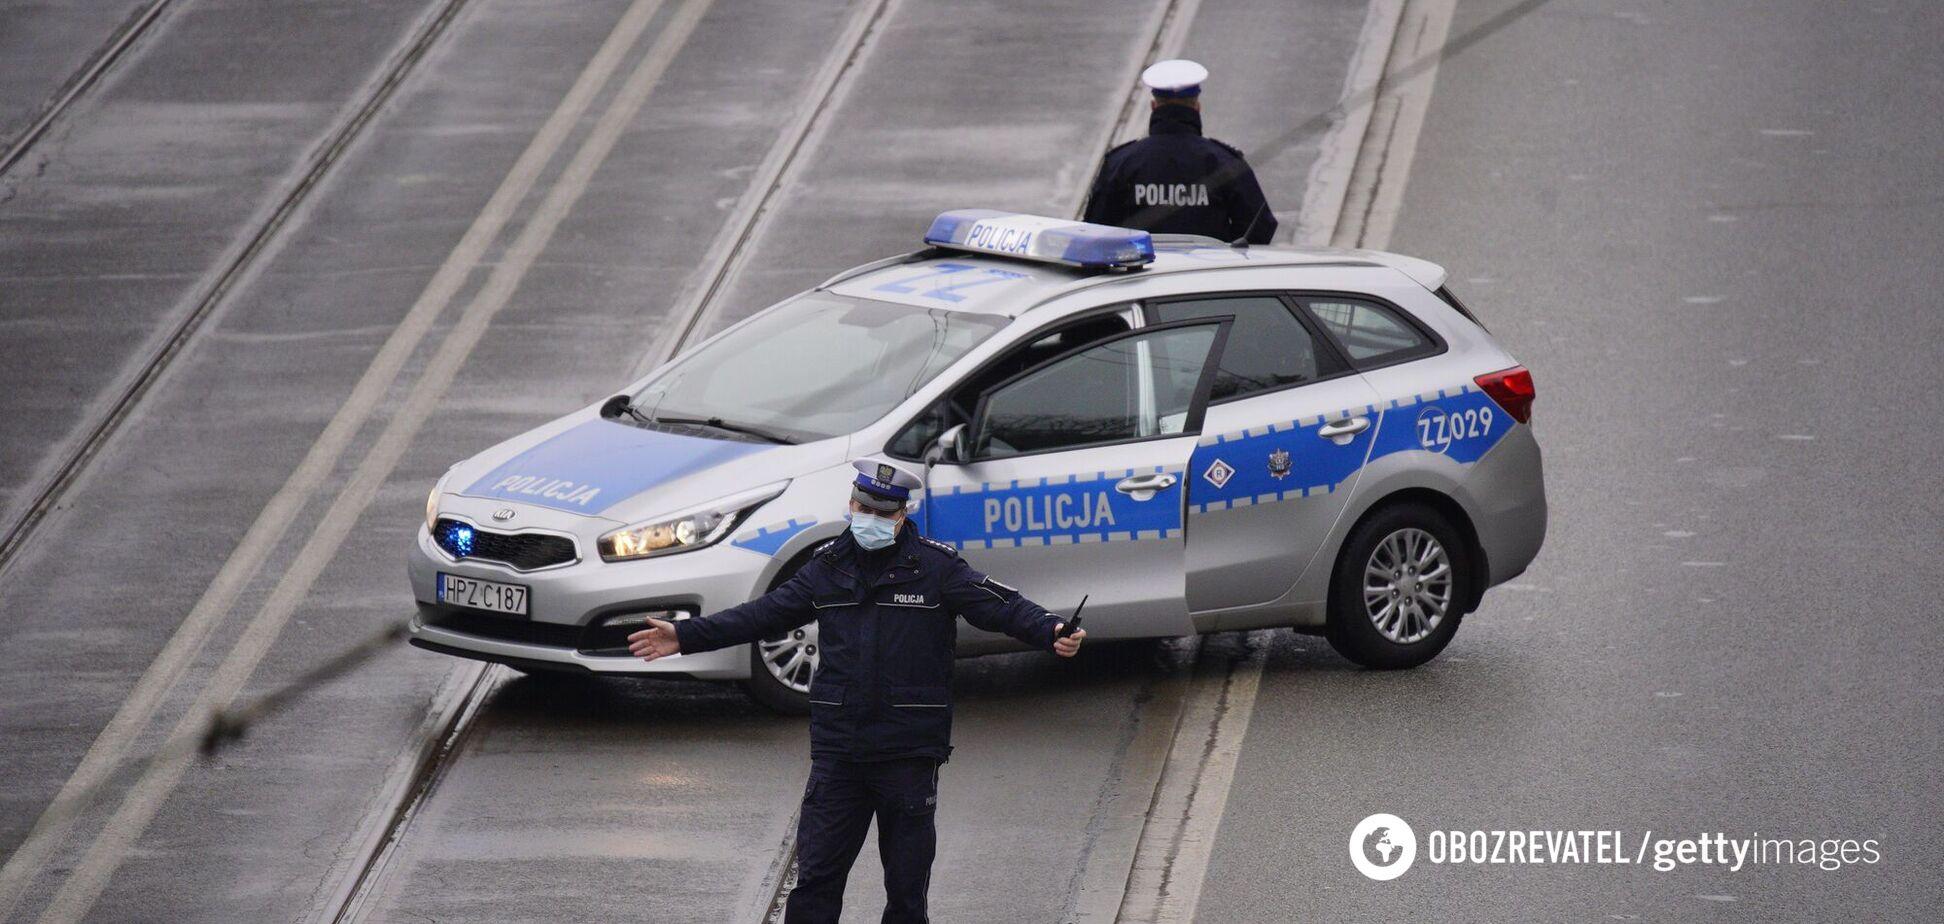 Поліція затримала п'ятьох осіб у віці від 24 до 31 року